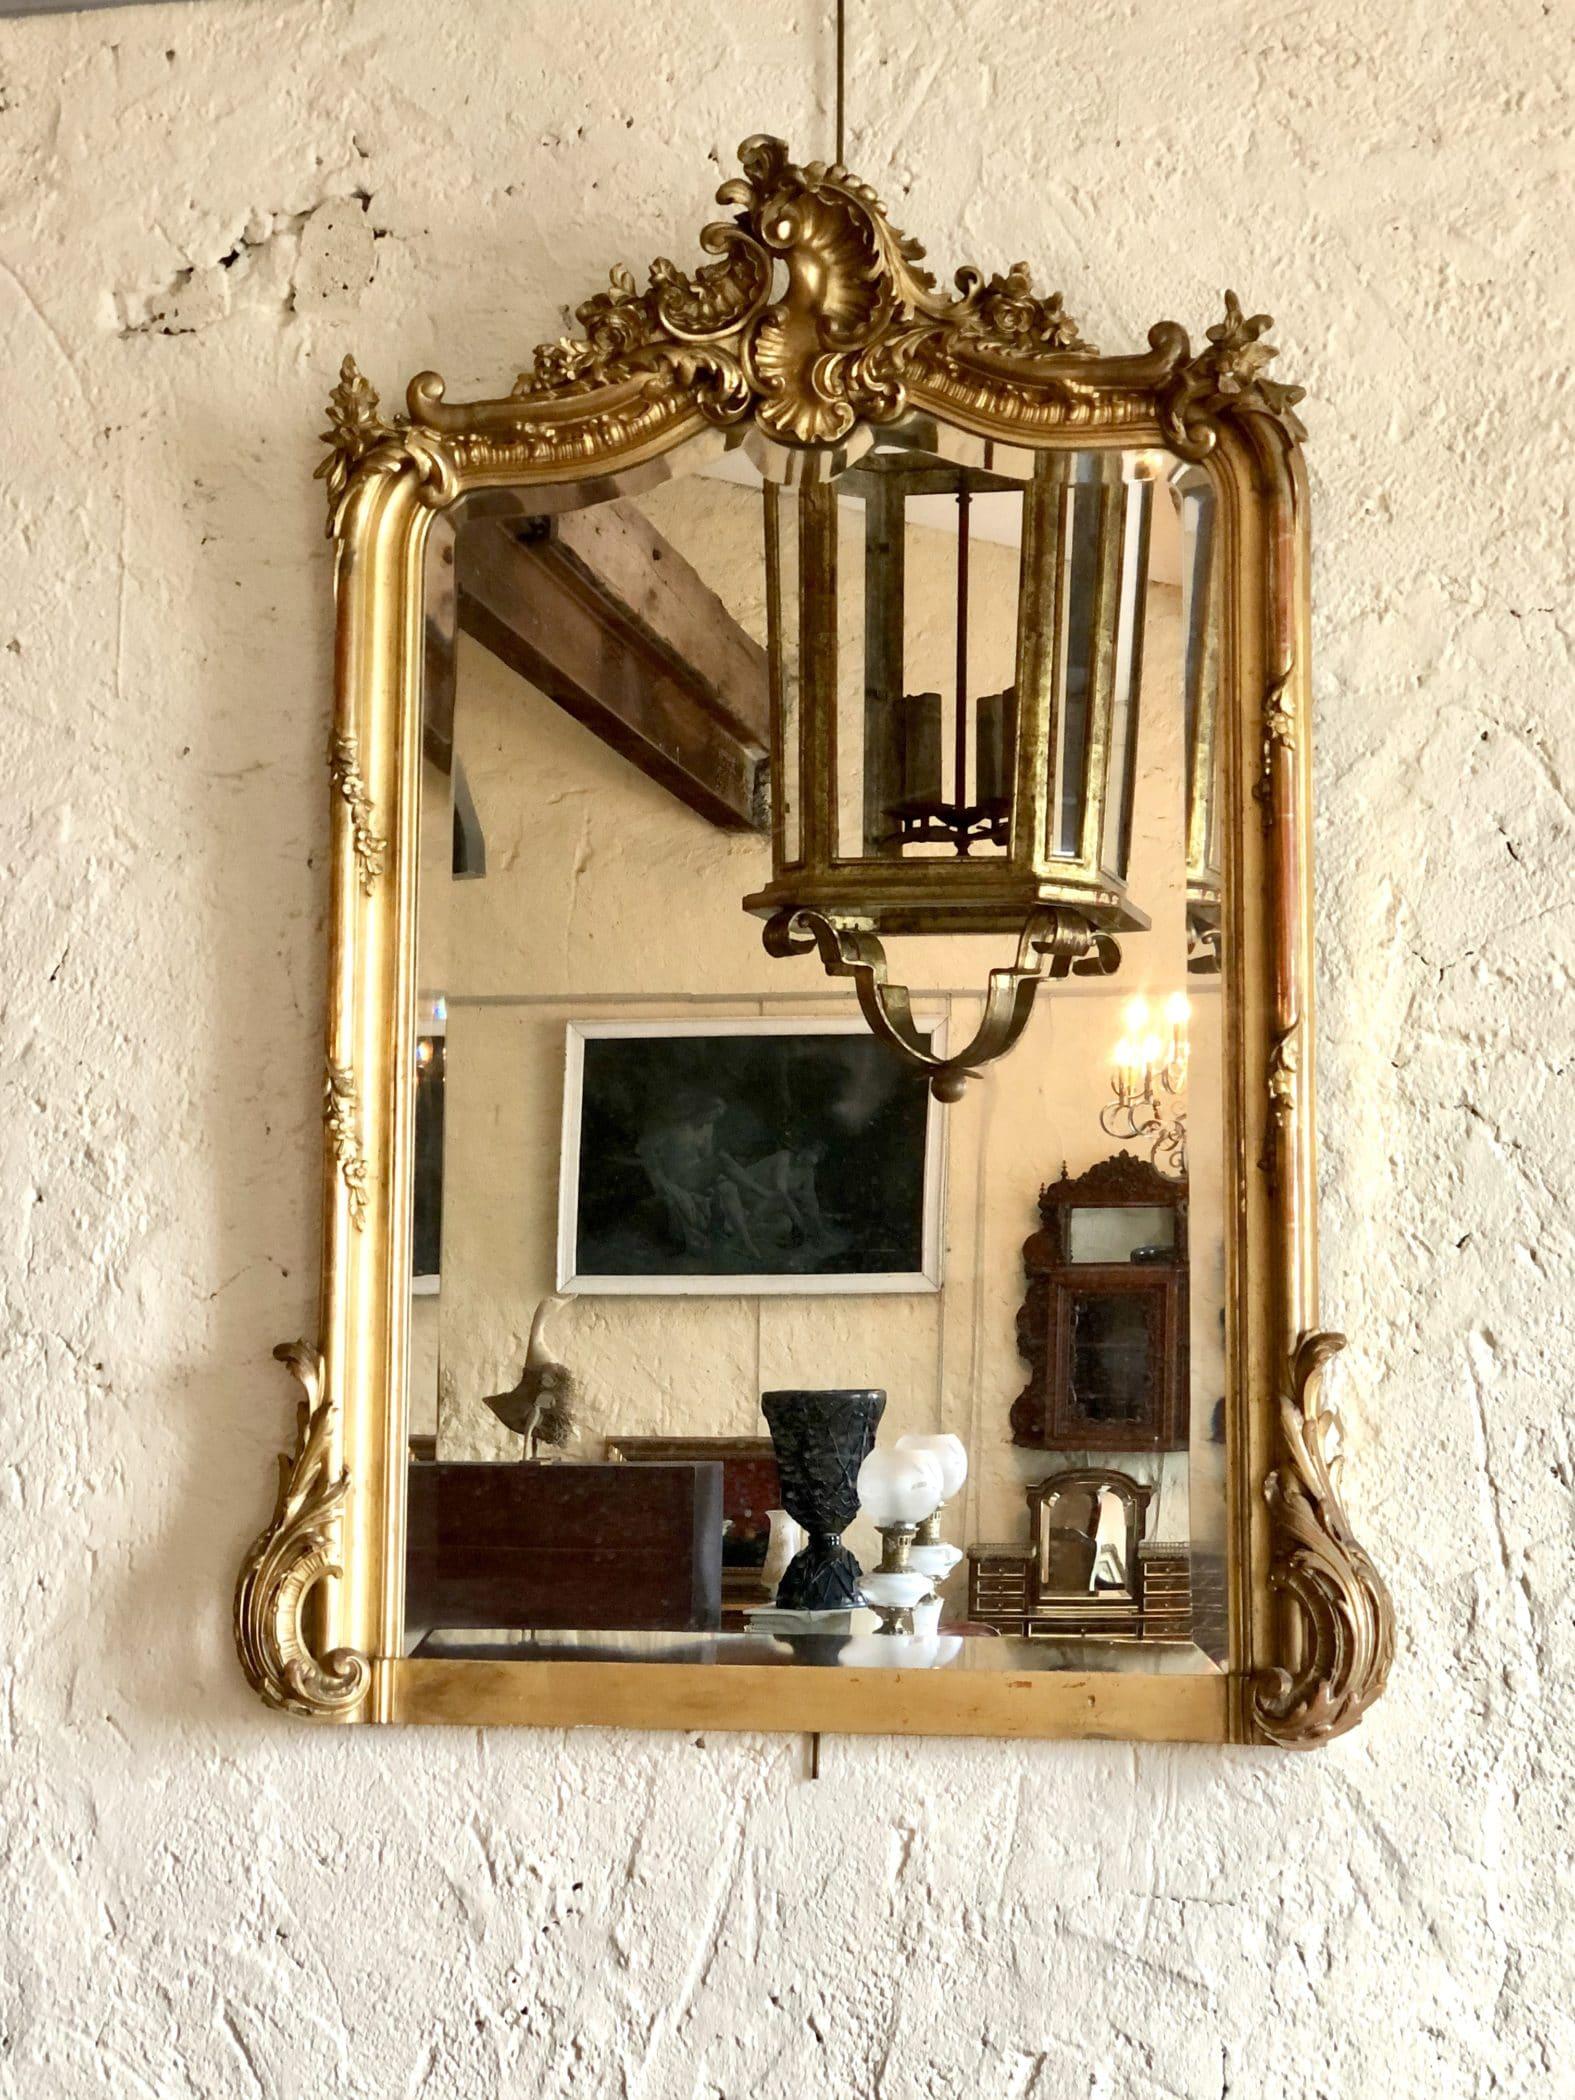 Miroir de style Louis XV, XIXe siècle